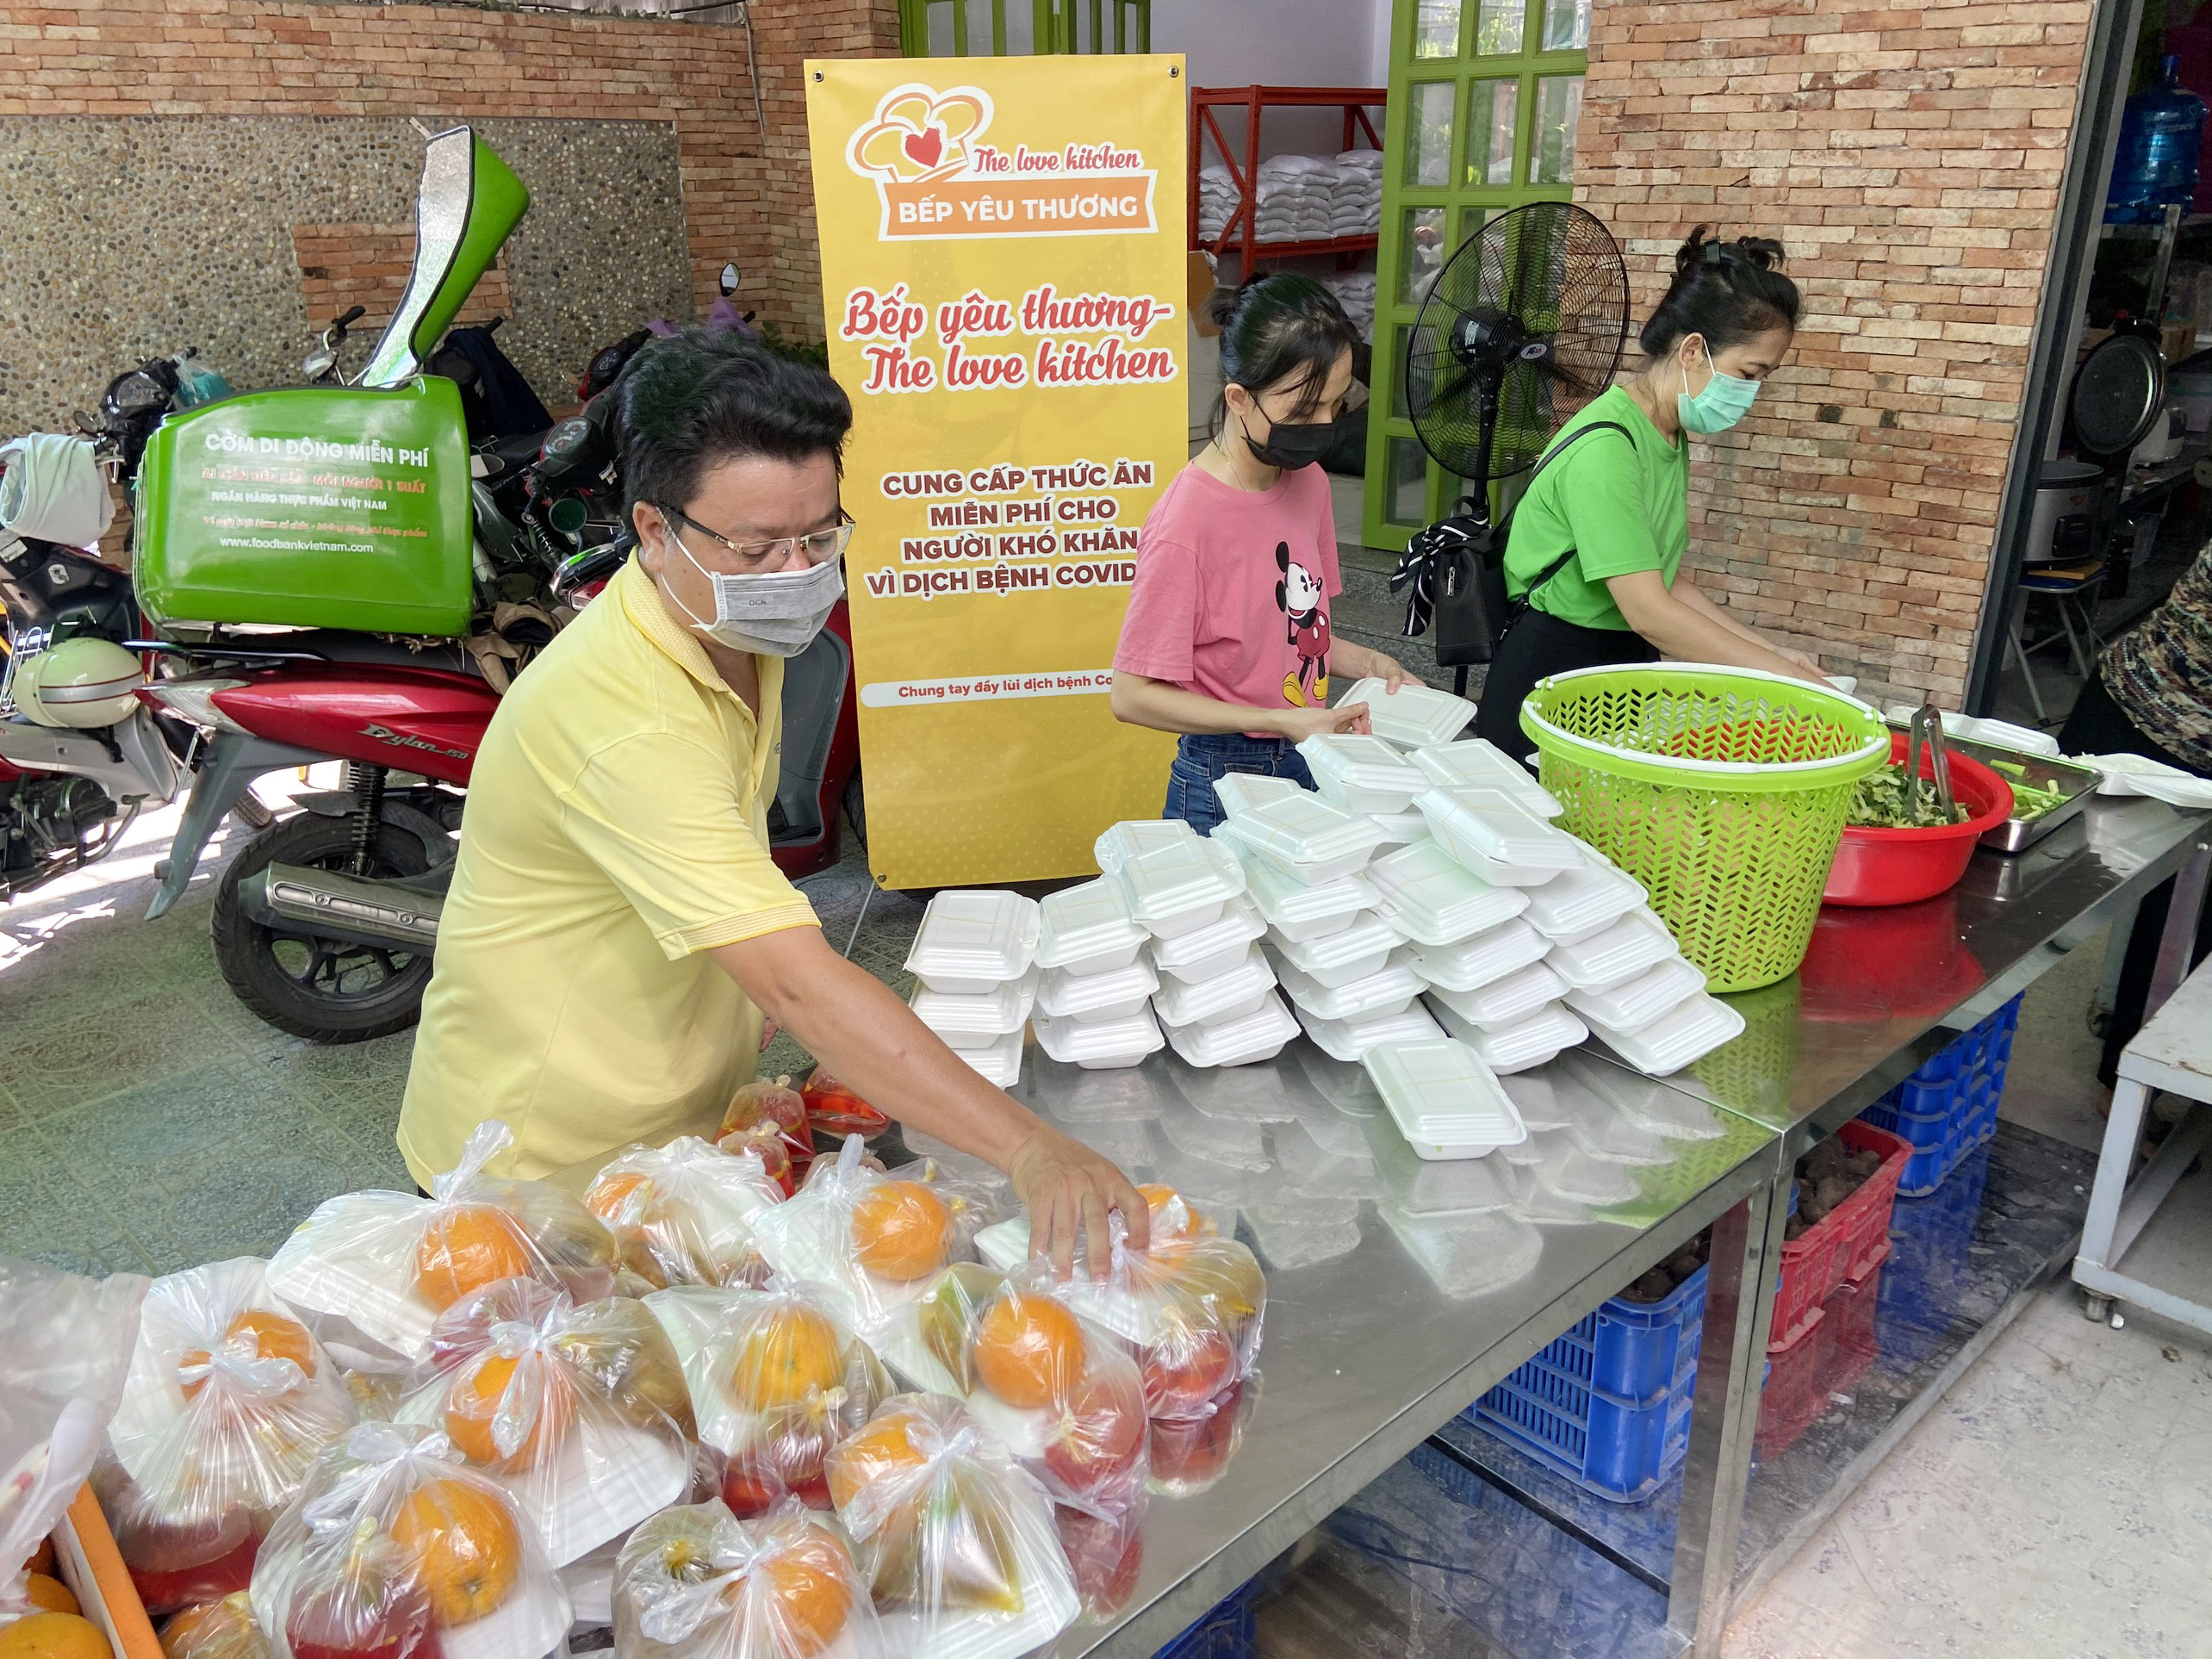 """Những """"anh chàng shipper"""" đi khắp Sài Gòn để phát 1.500 suất ăn miễn phí cho người nghèo - 4"""